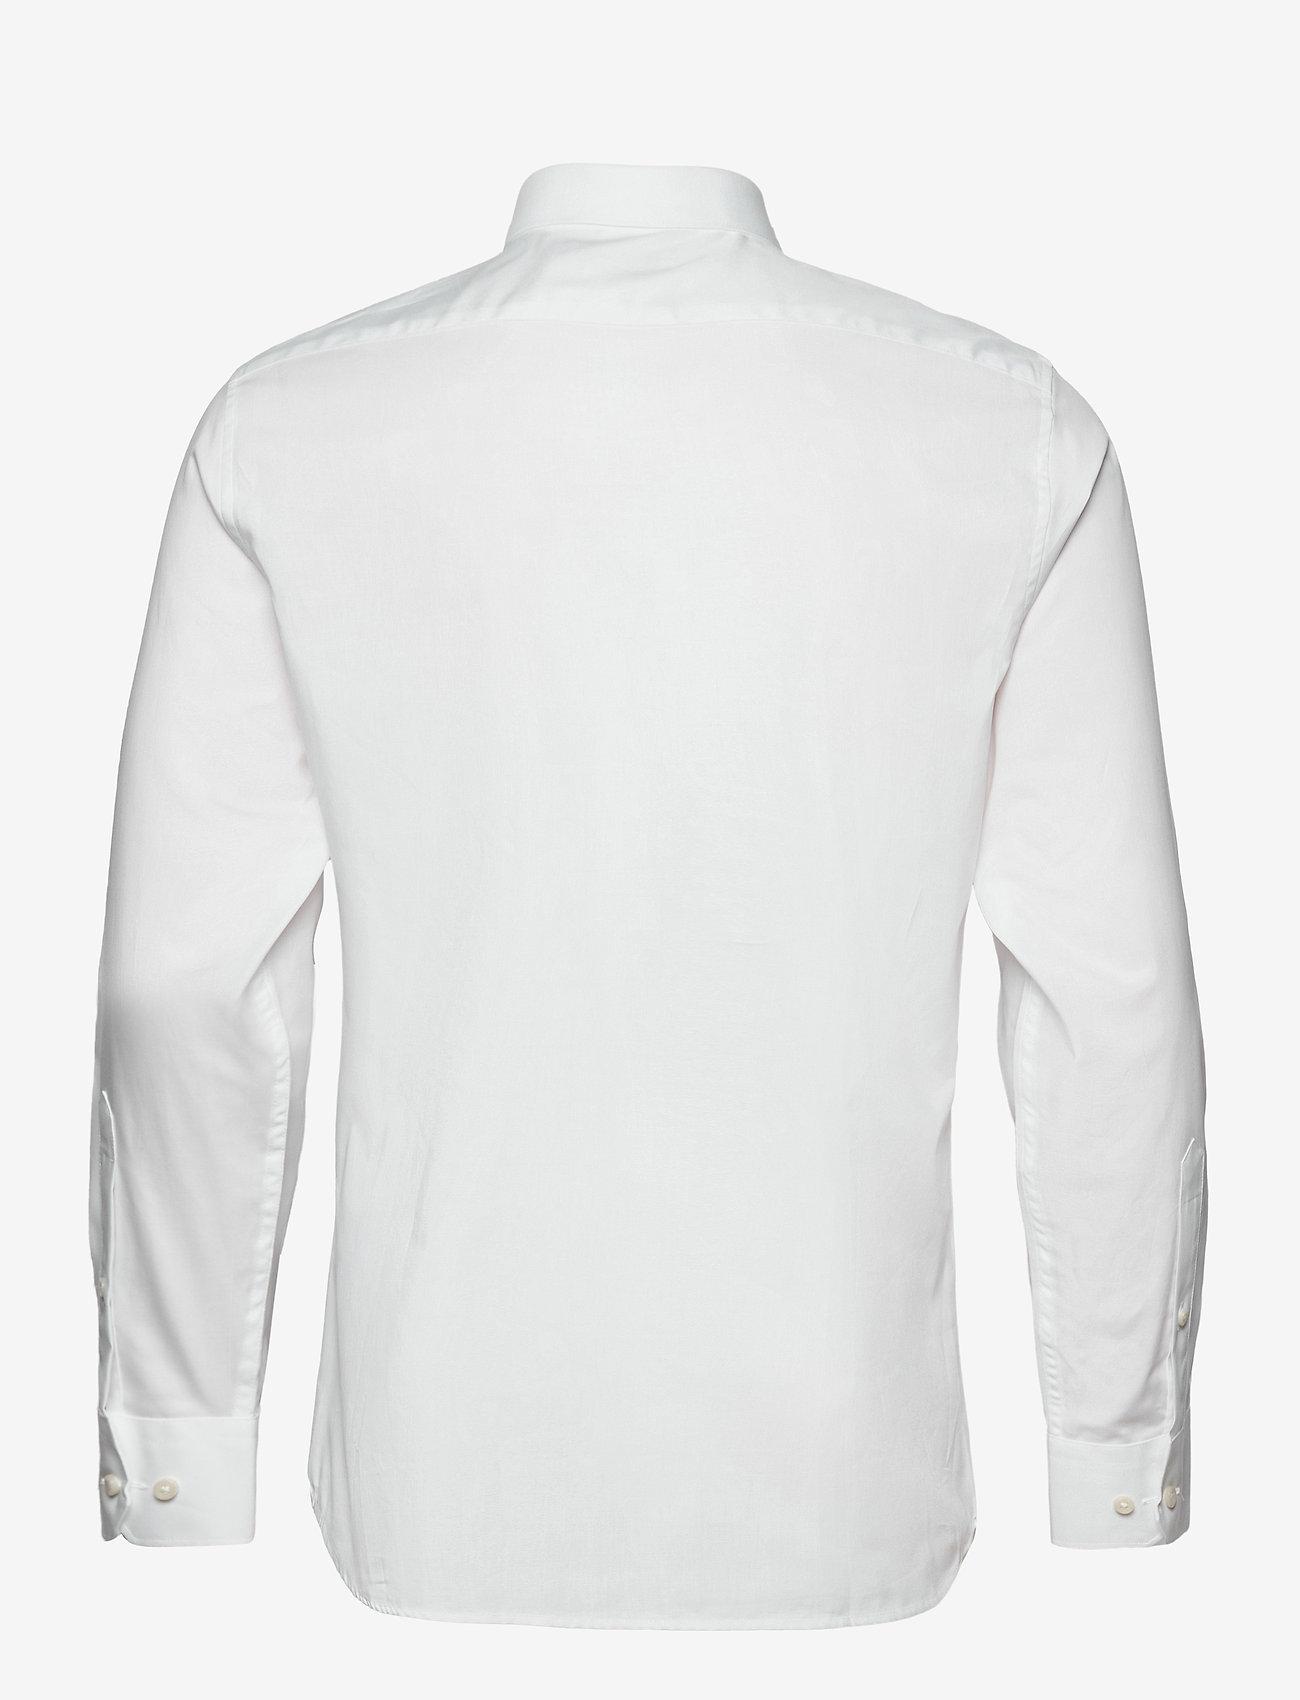 Jack & Jones - JPRBLAROYAL SHIRT L/S - basic skjortor - white - 1